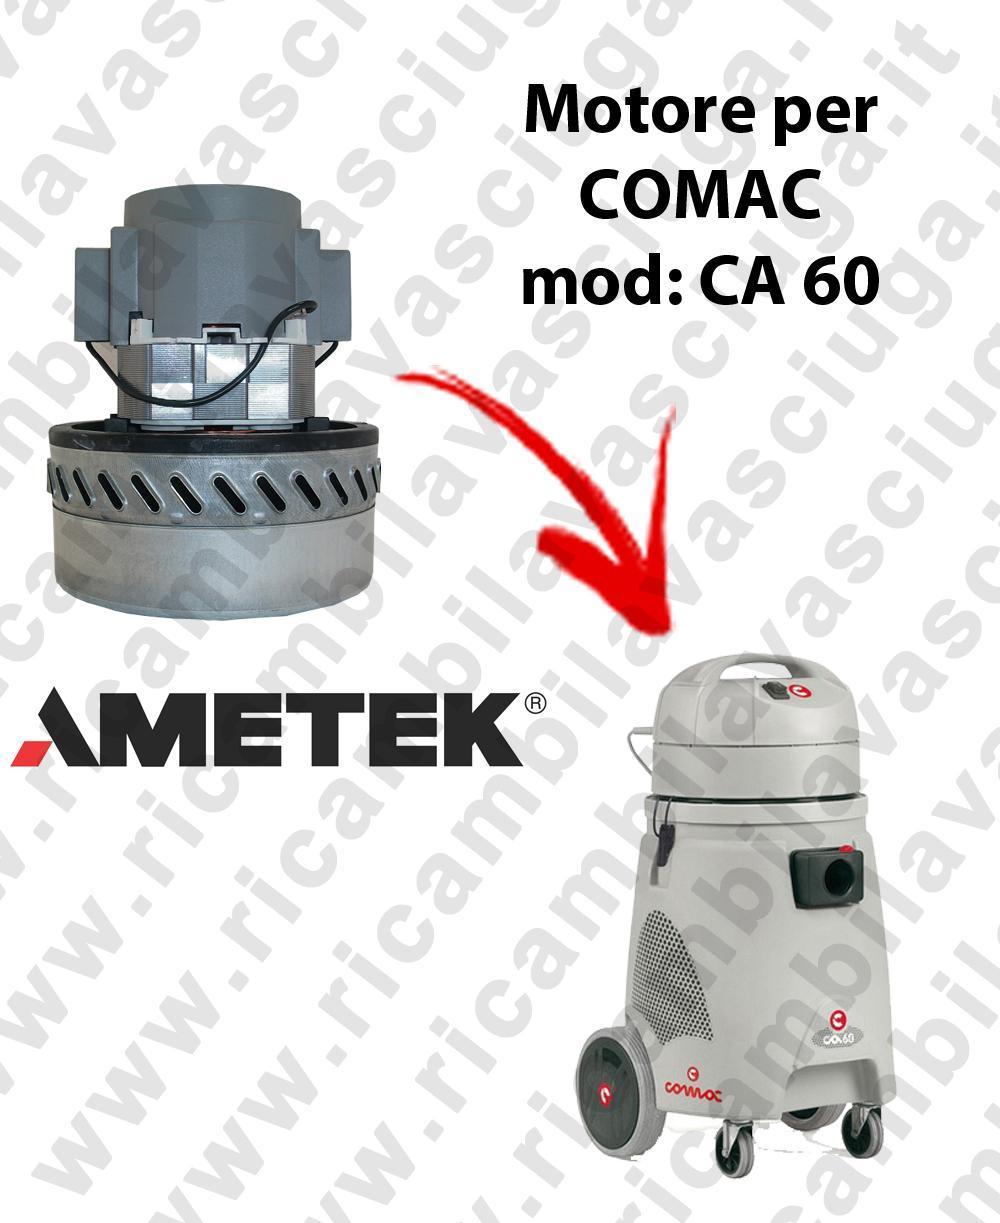 CA 60 AMETEK vacuum motor for wet and dry vacuum cleaner COMAC